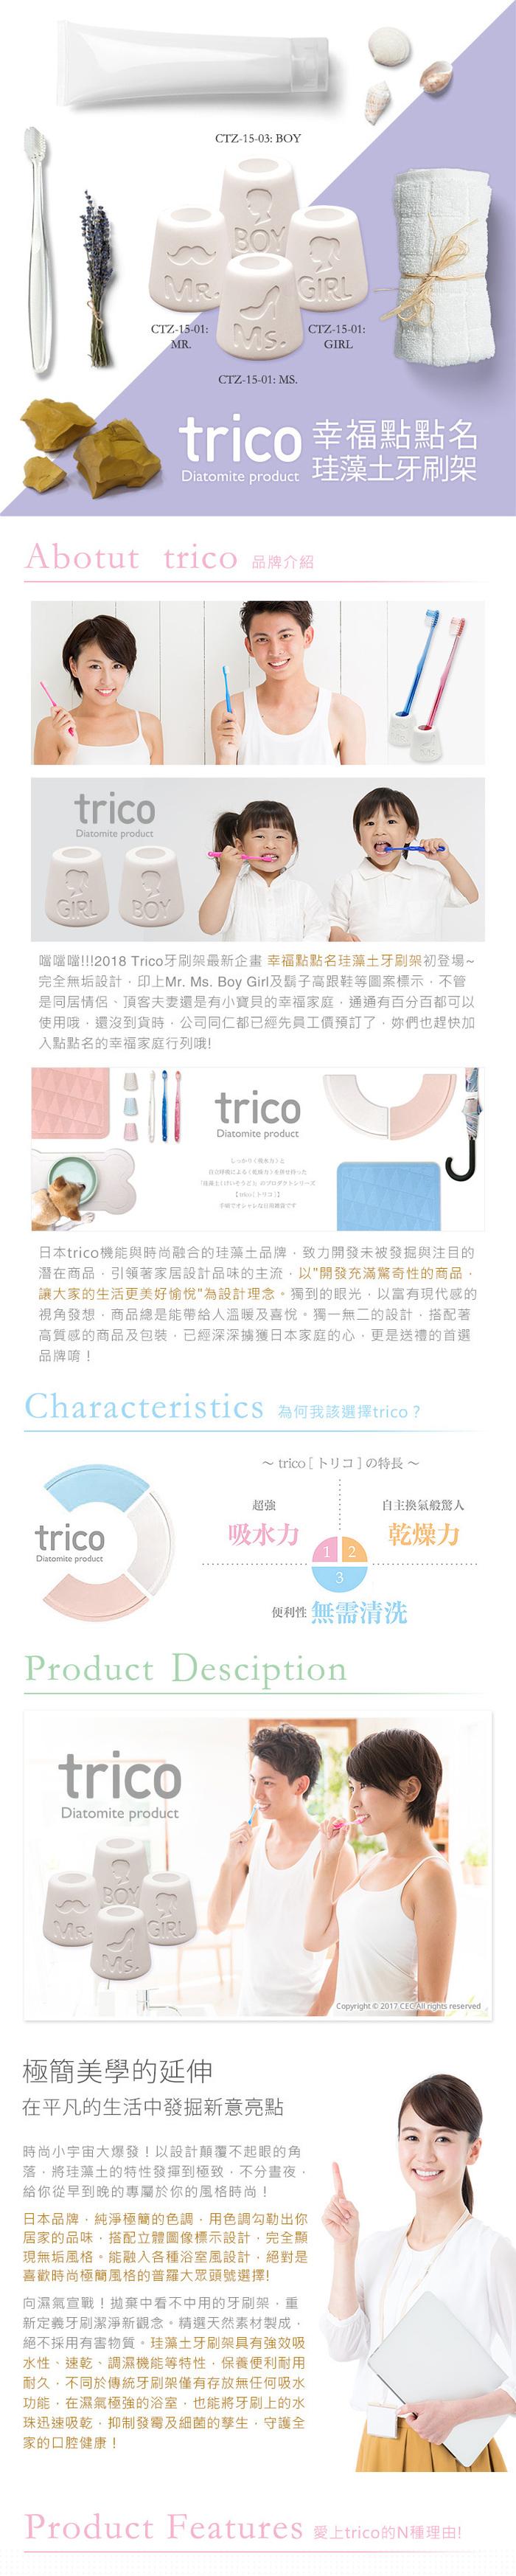 (複製)trico|菱格珪藻土牙刷架〈2入組〉